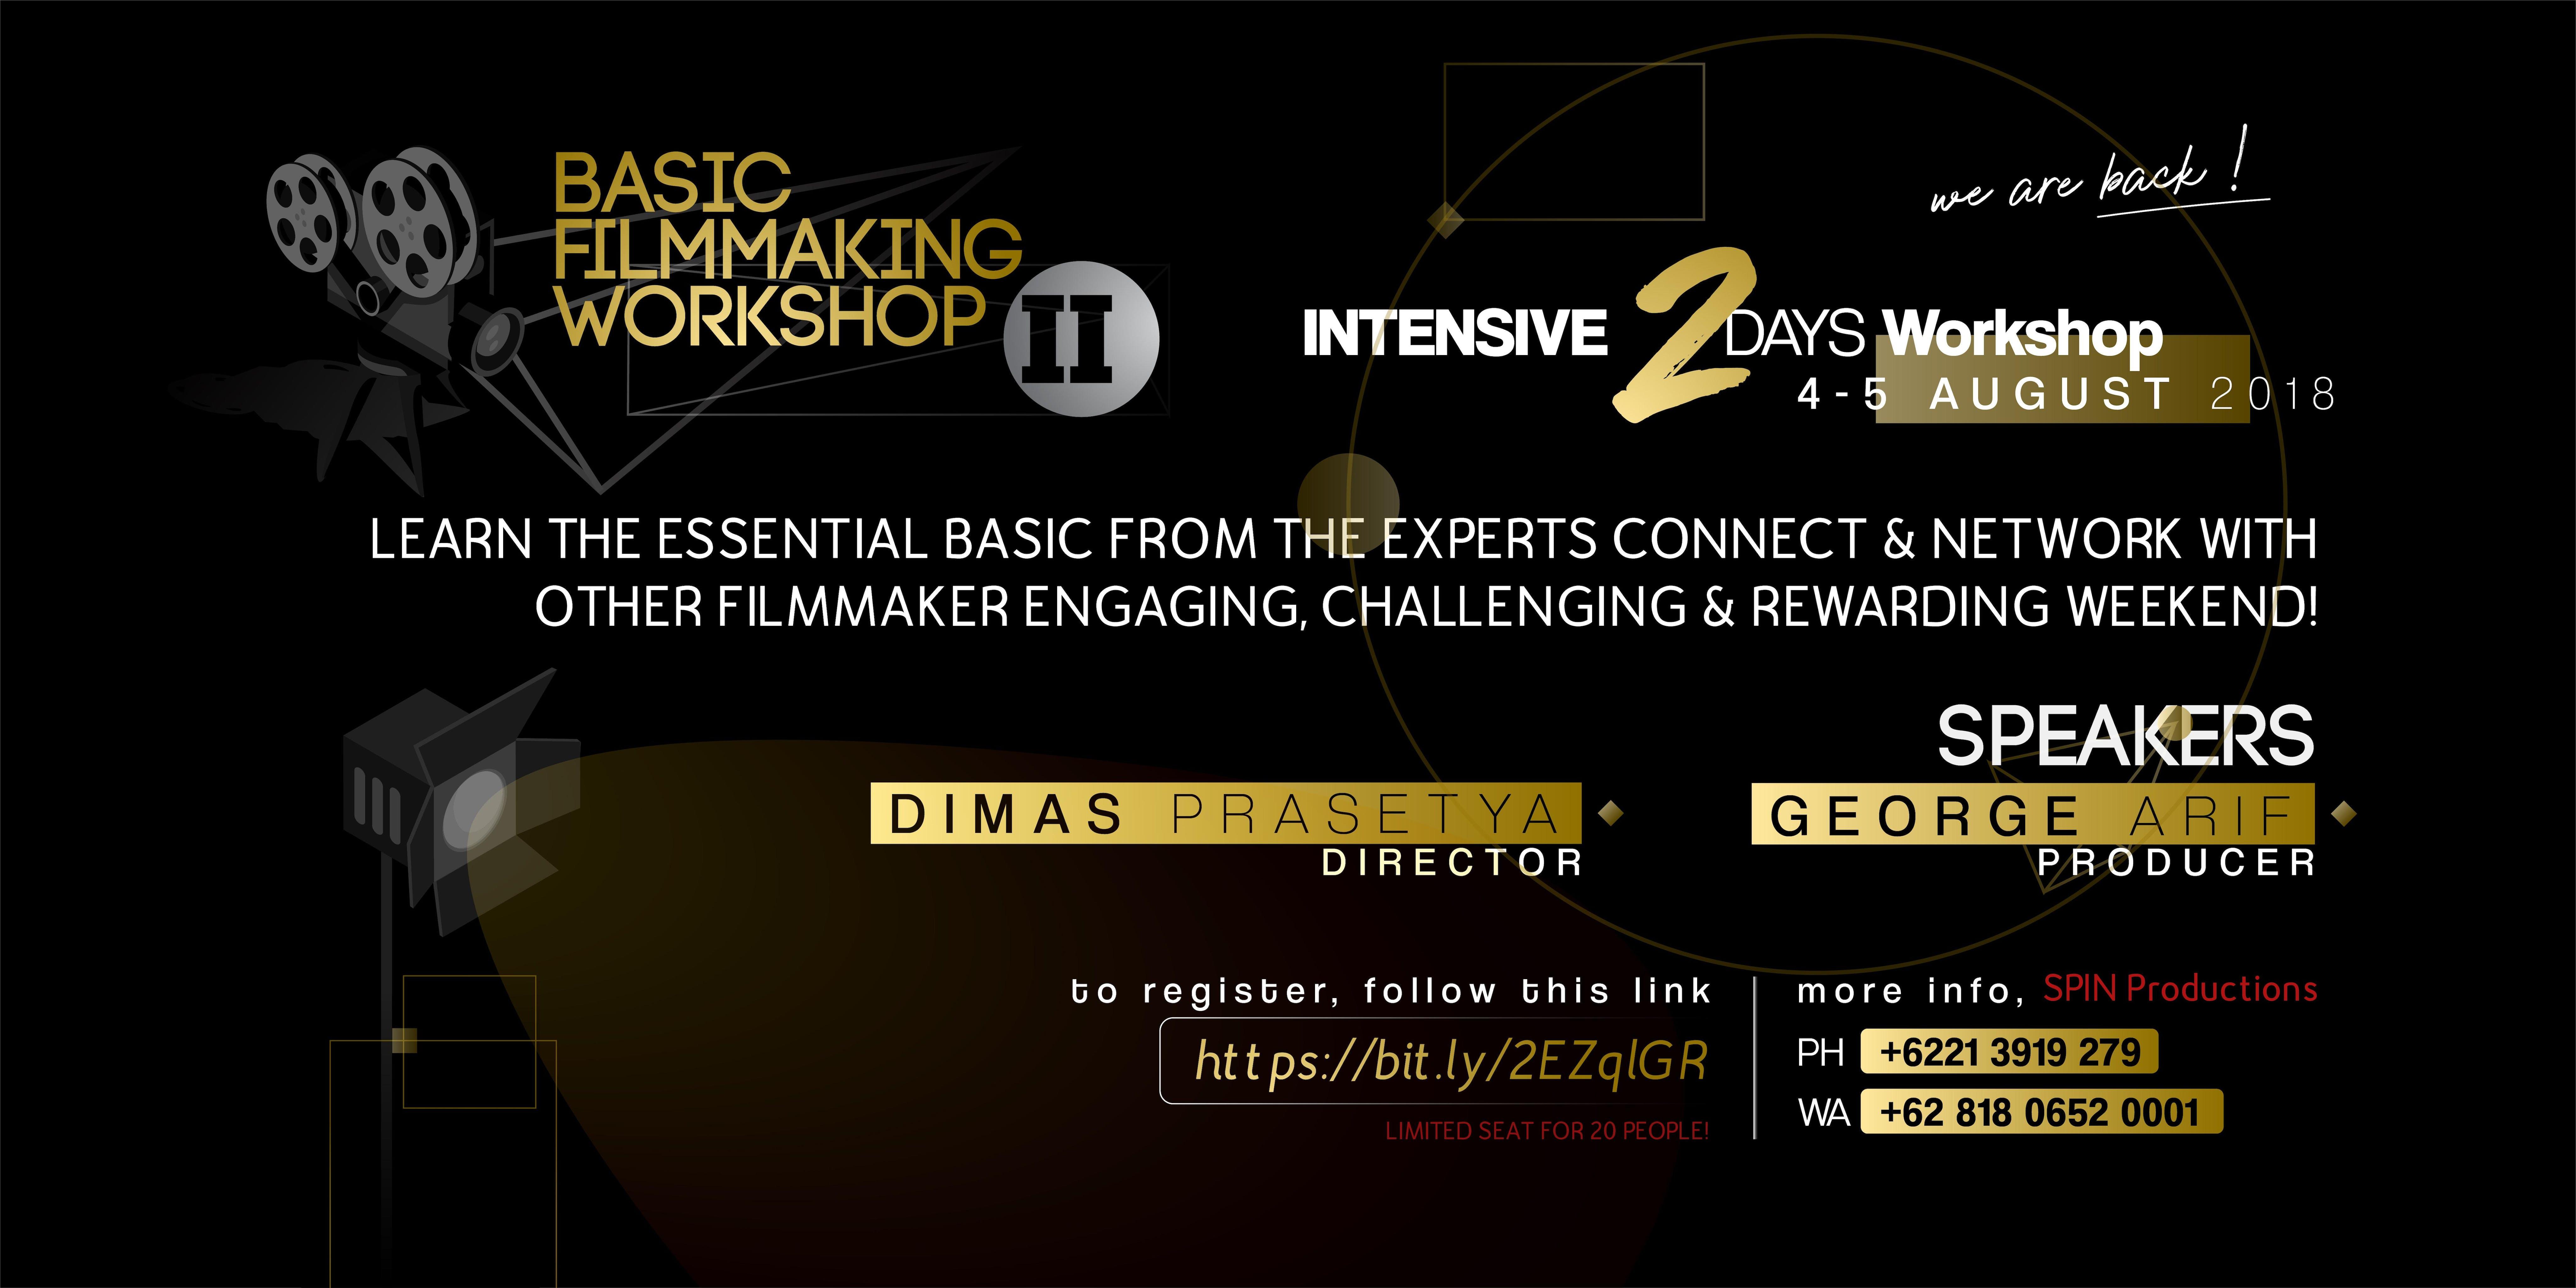 Basic Filmmaking Workshop